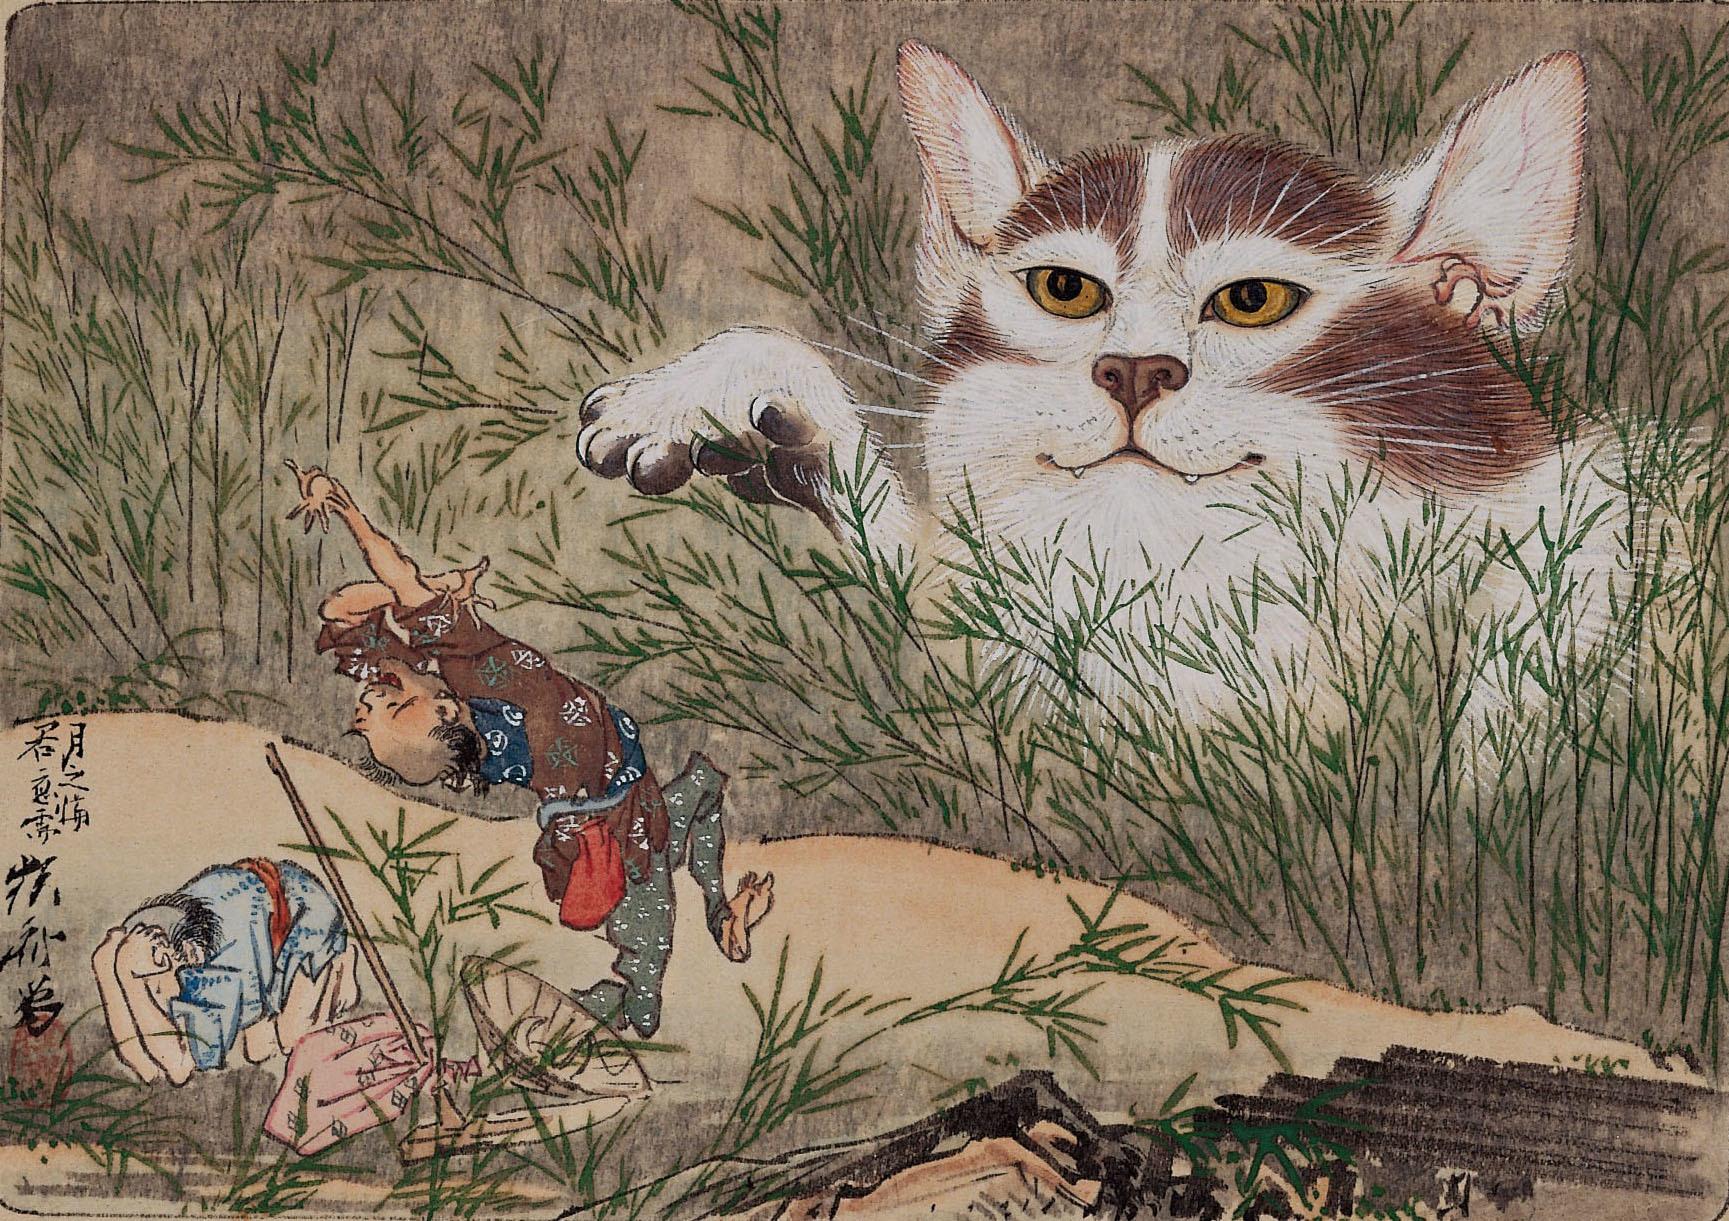 河鍋暁斎 《惺々狂斎画帖(三)》(20図のうち) 明治3(1870)年以前 個人蔵 ※後期のみ展示